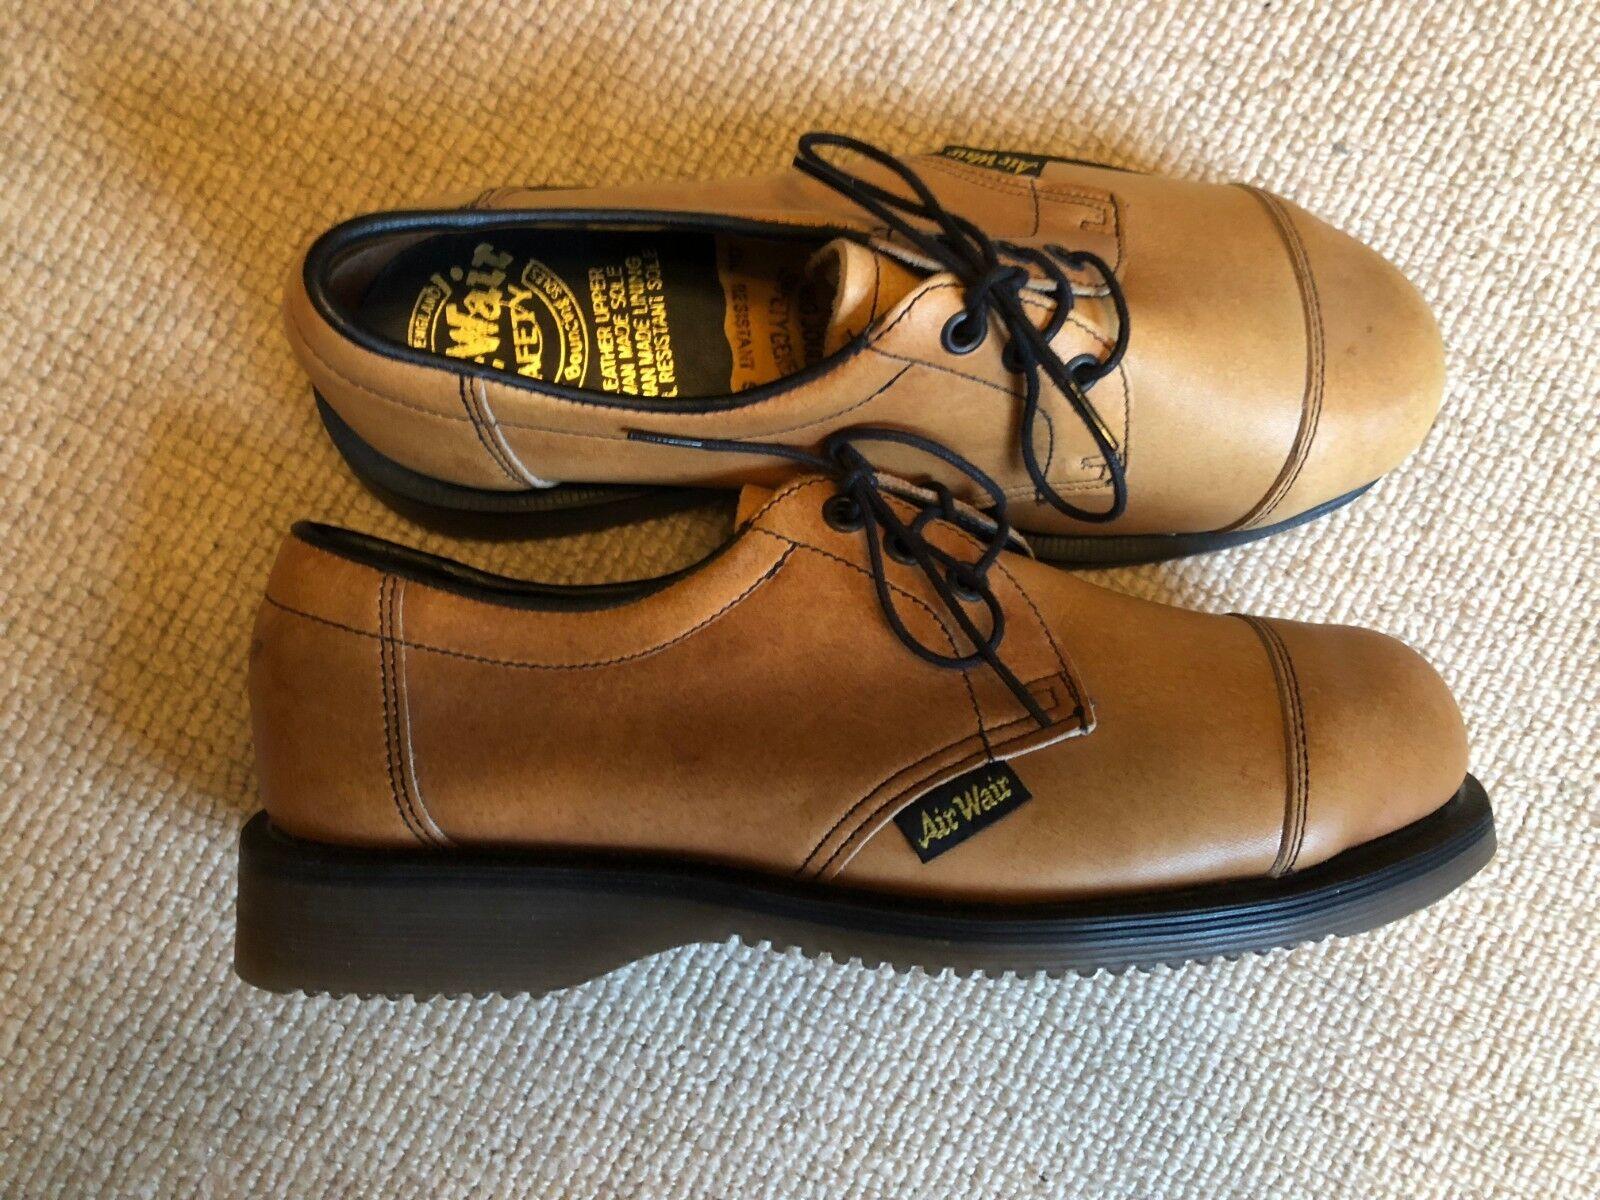 RARE Vintage Dr Martens SABBIA Oxford Acciaio Puntale Stivali Scarpe Non 6 39